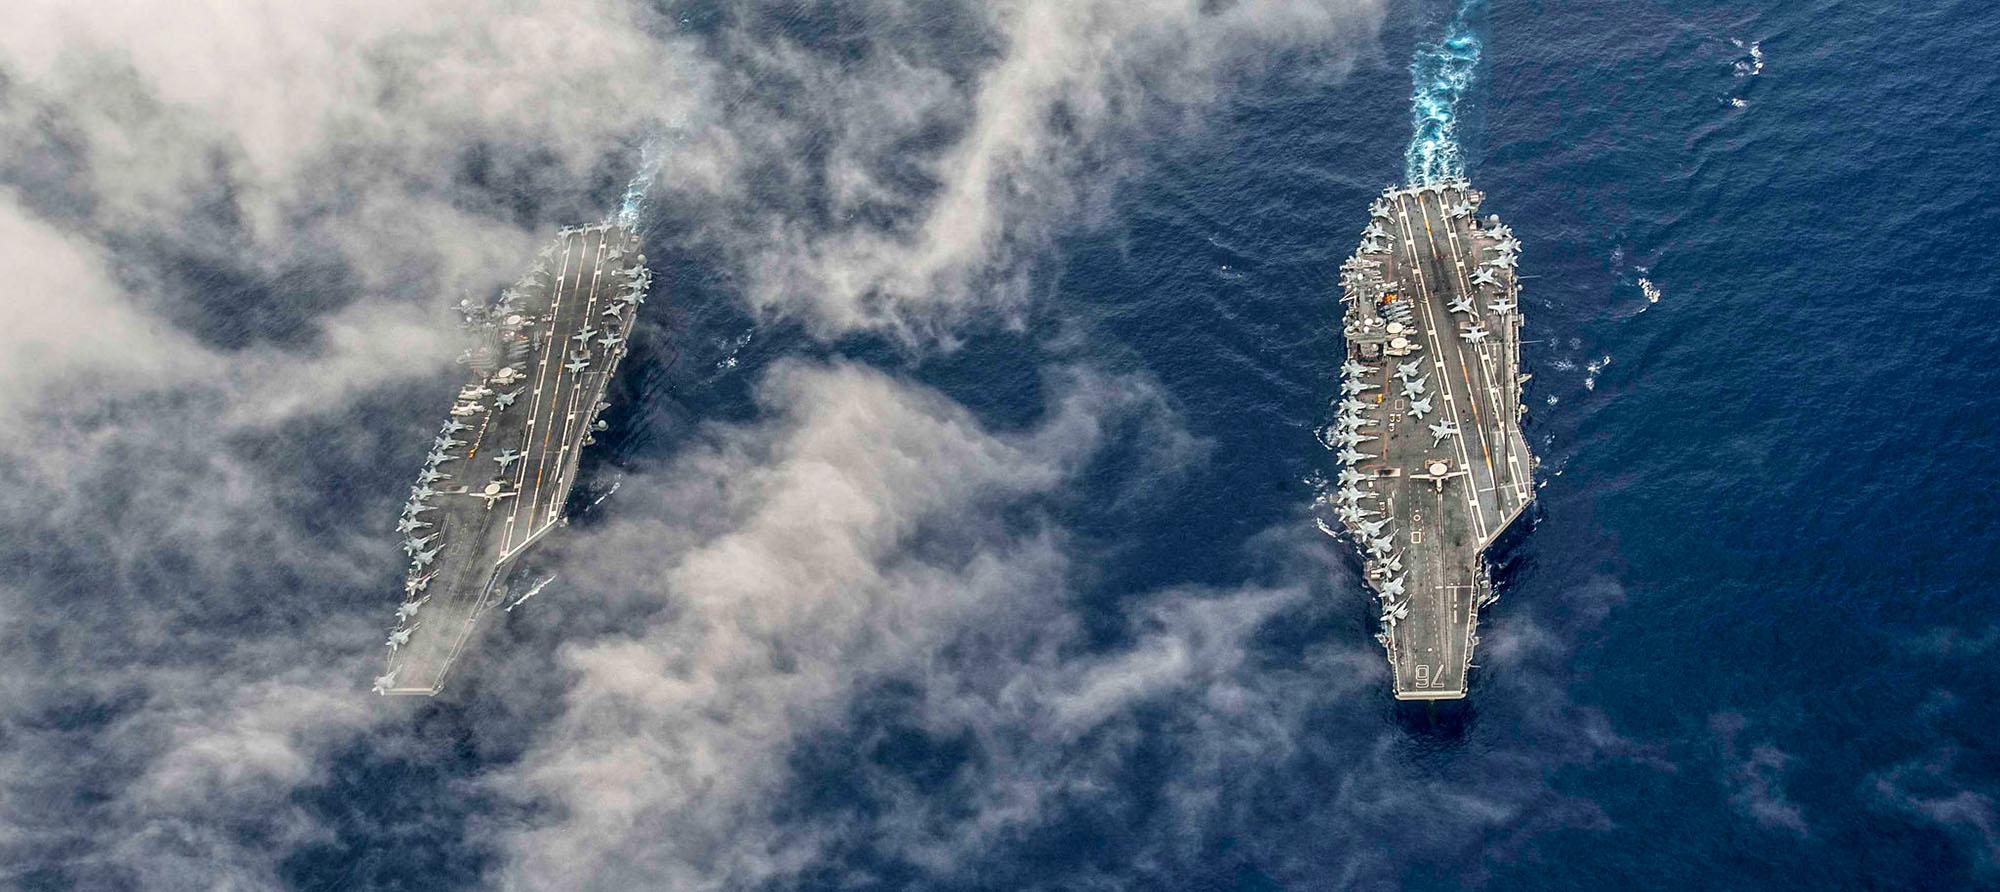 USS John C. Stennis (CVN 74) and USS Ronald Reagan (CVN 76) - 4